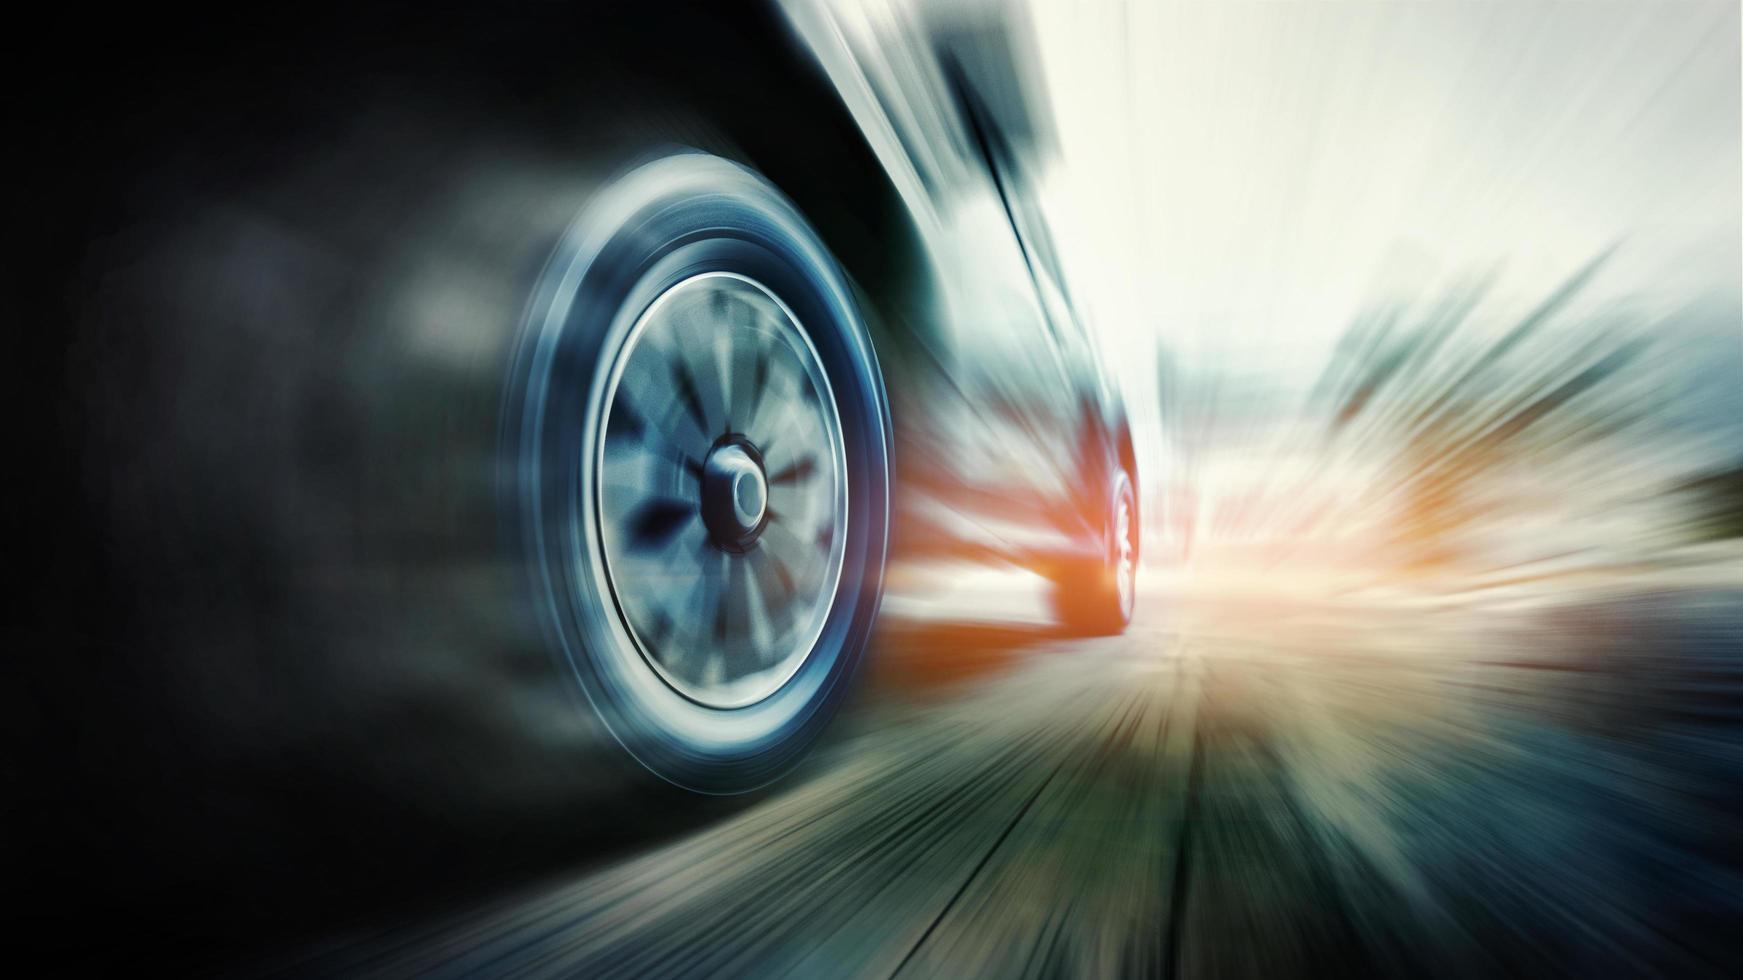 excès de vitesse sur route photo